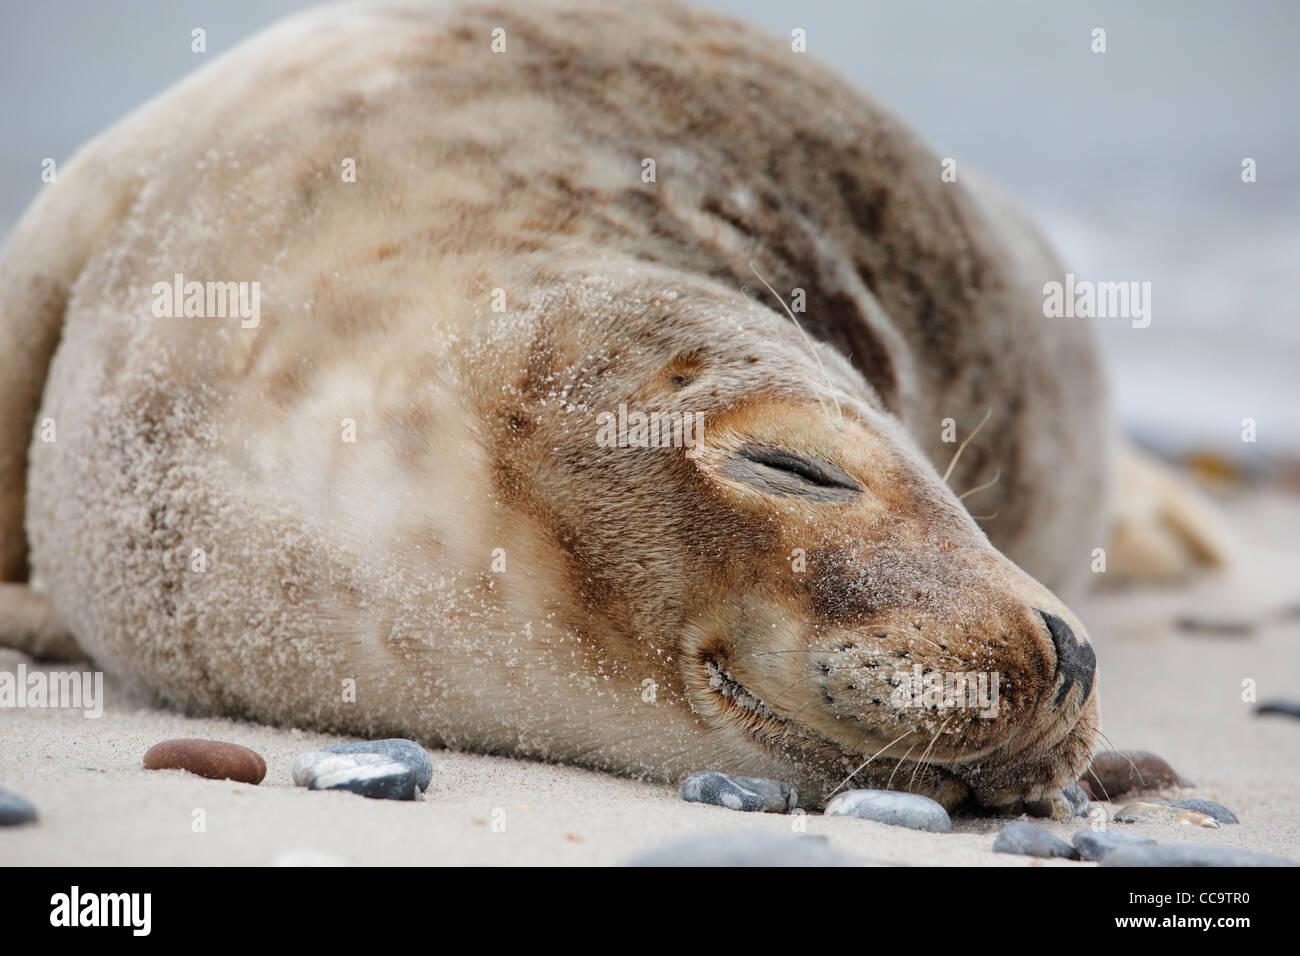 Porträt einer jungen schlafenden grau versiegeln; Latein: Halichoerus grypus Stockbild